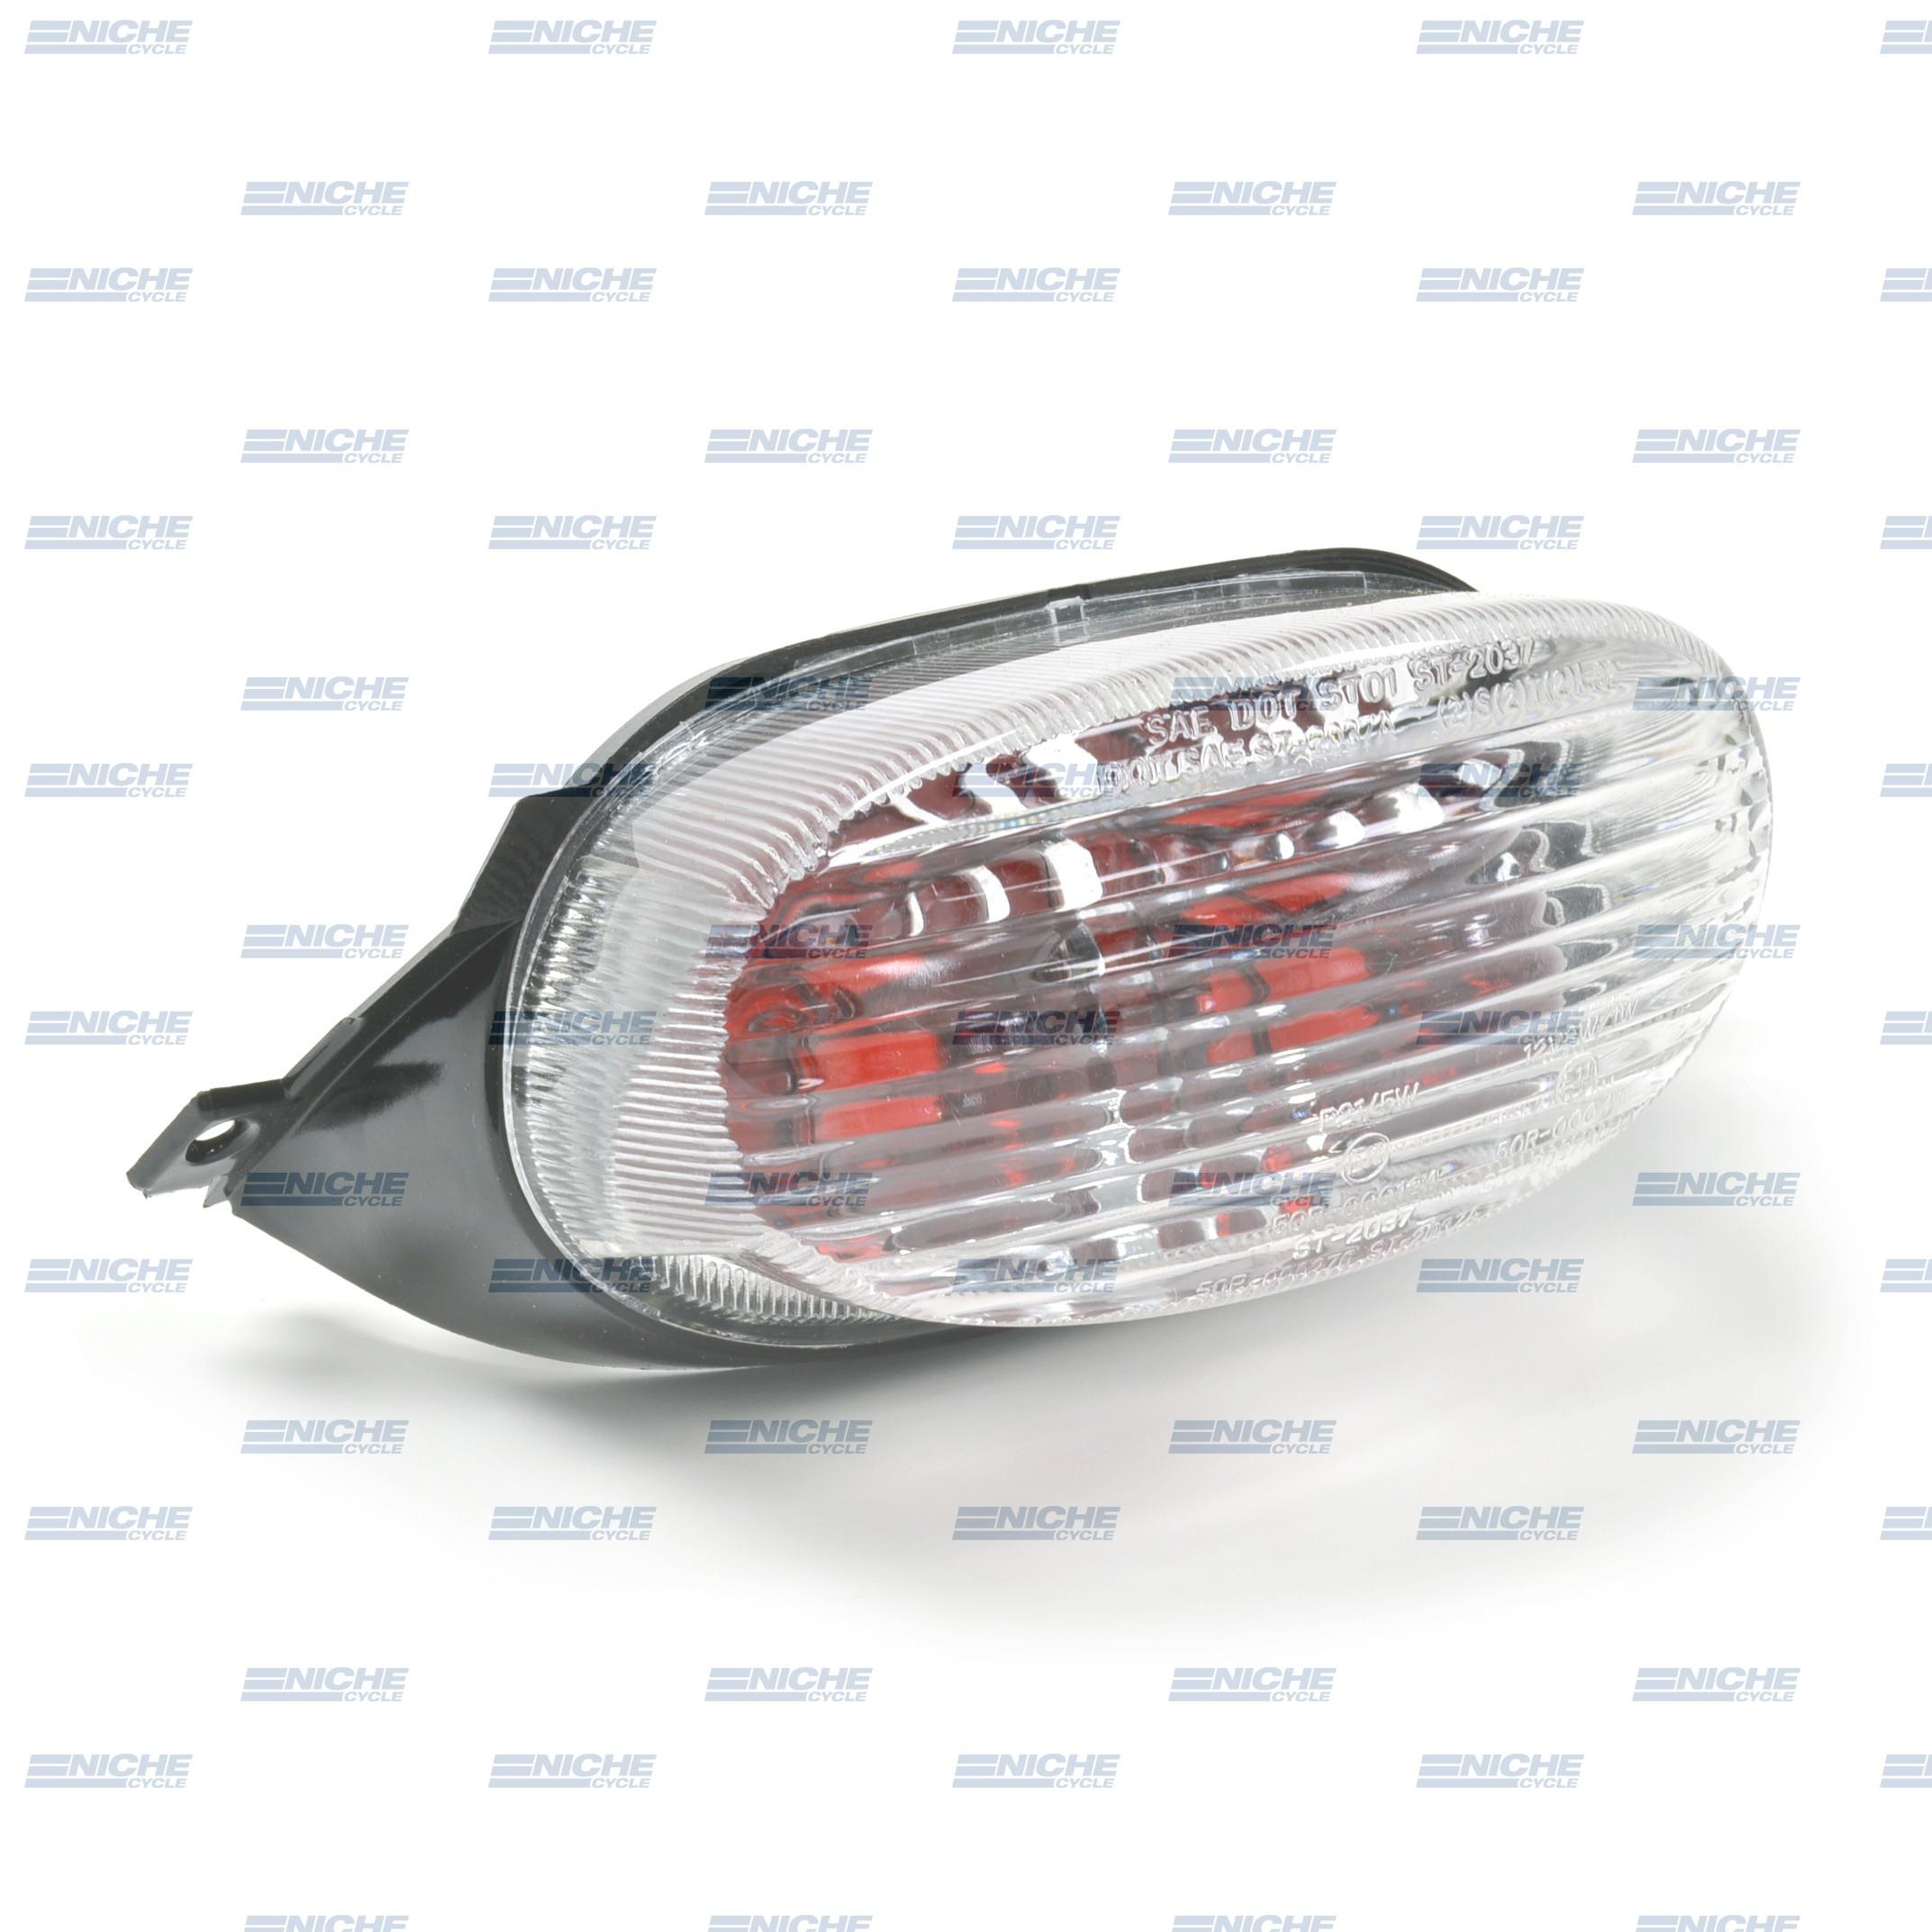 Suzuki Katana 600/750 Clear Taillight Lens 62-84762